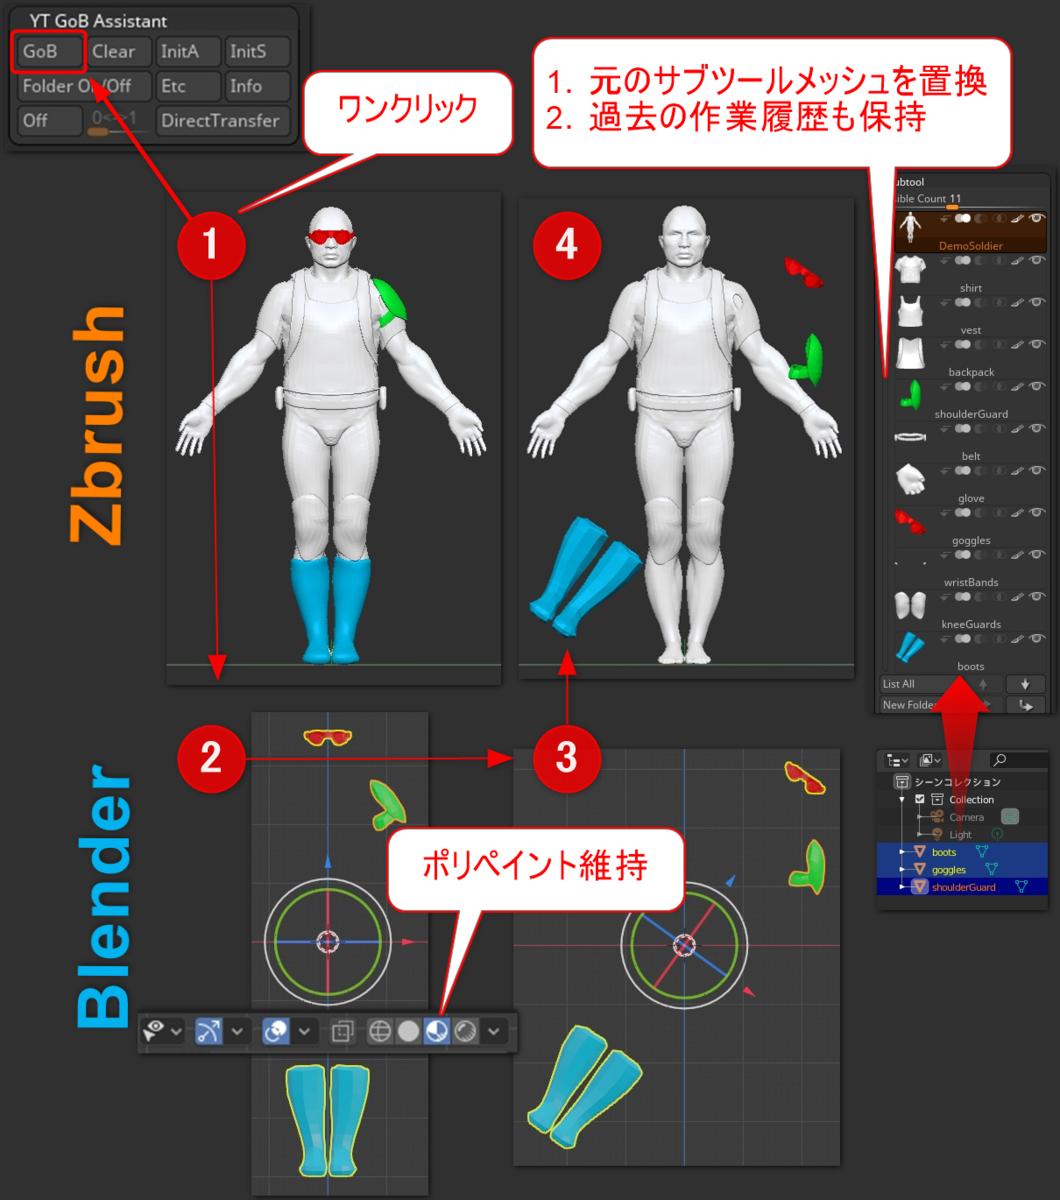 f:id:yamato-tsukasa:20200630171307p:plain